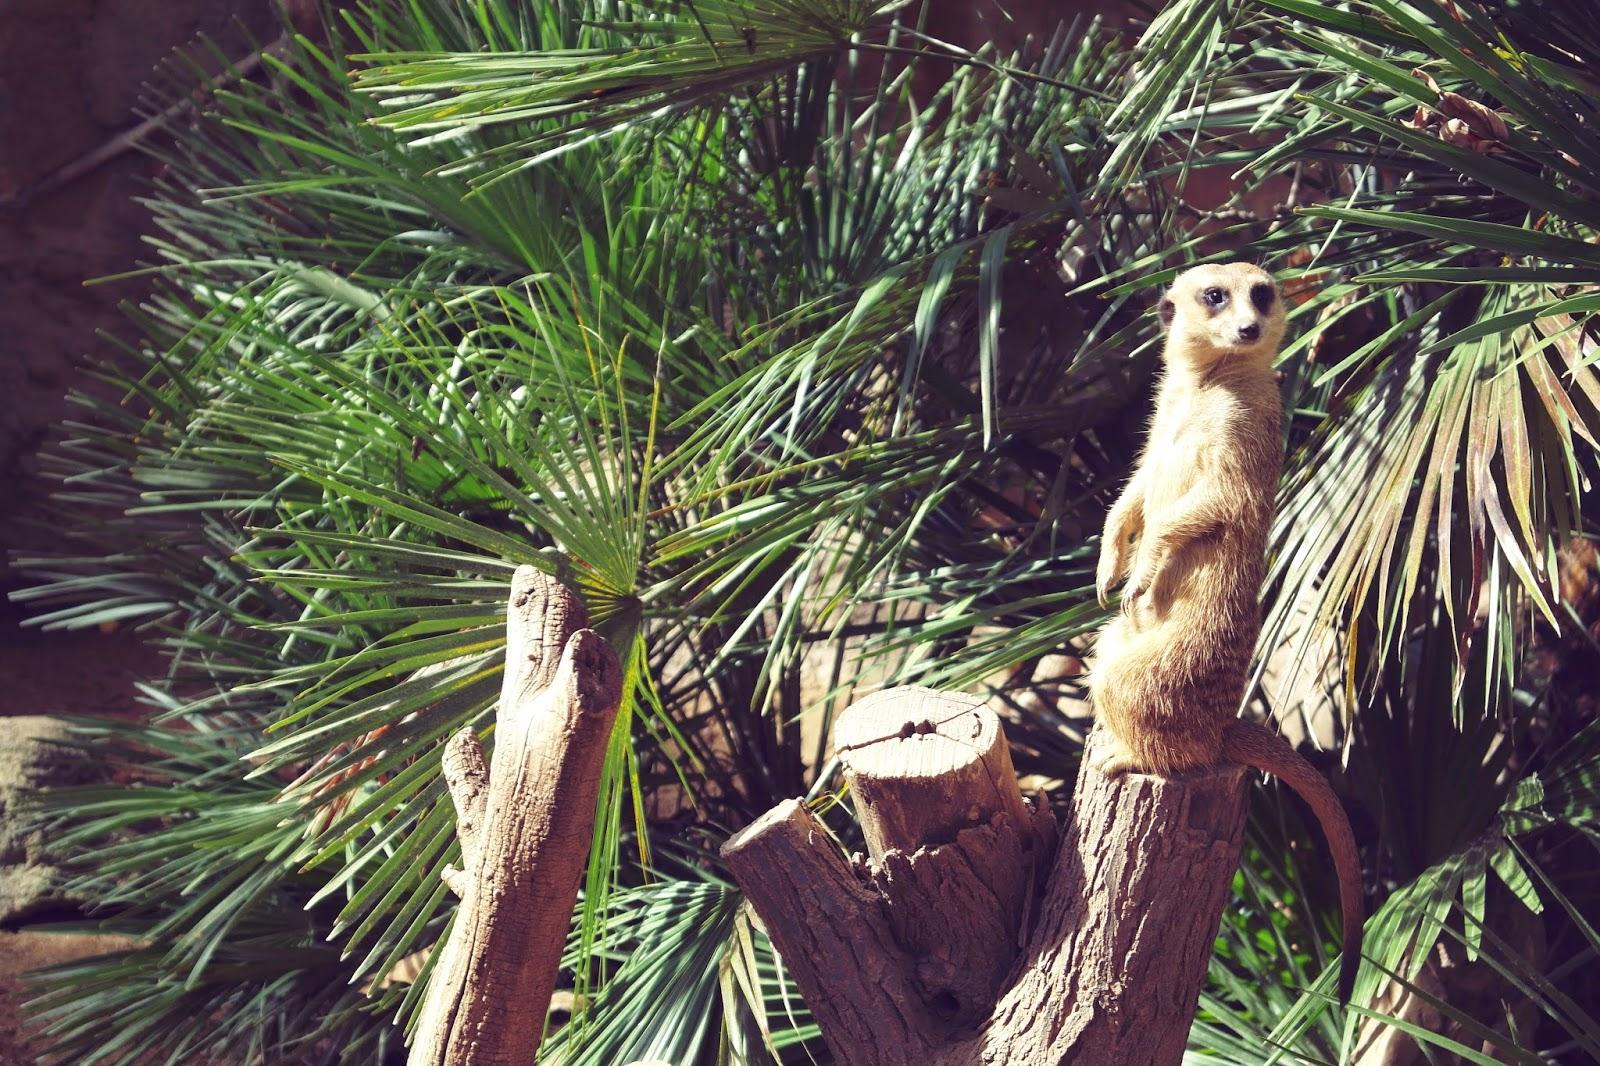 barcelona zoo meerkat